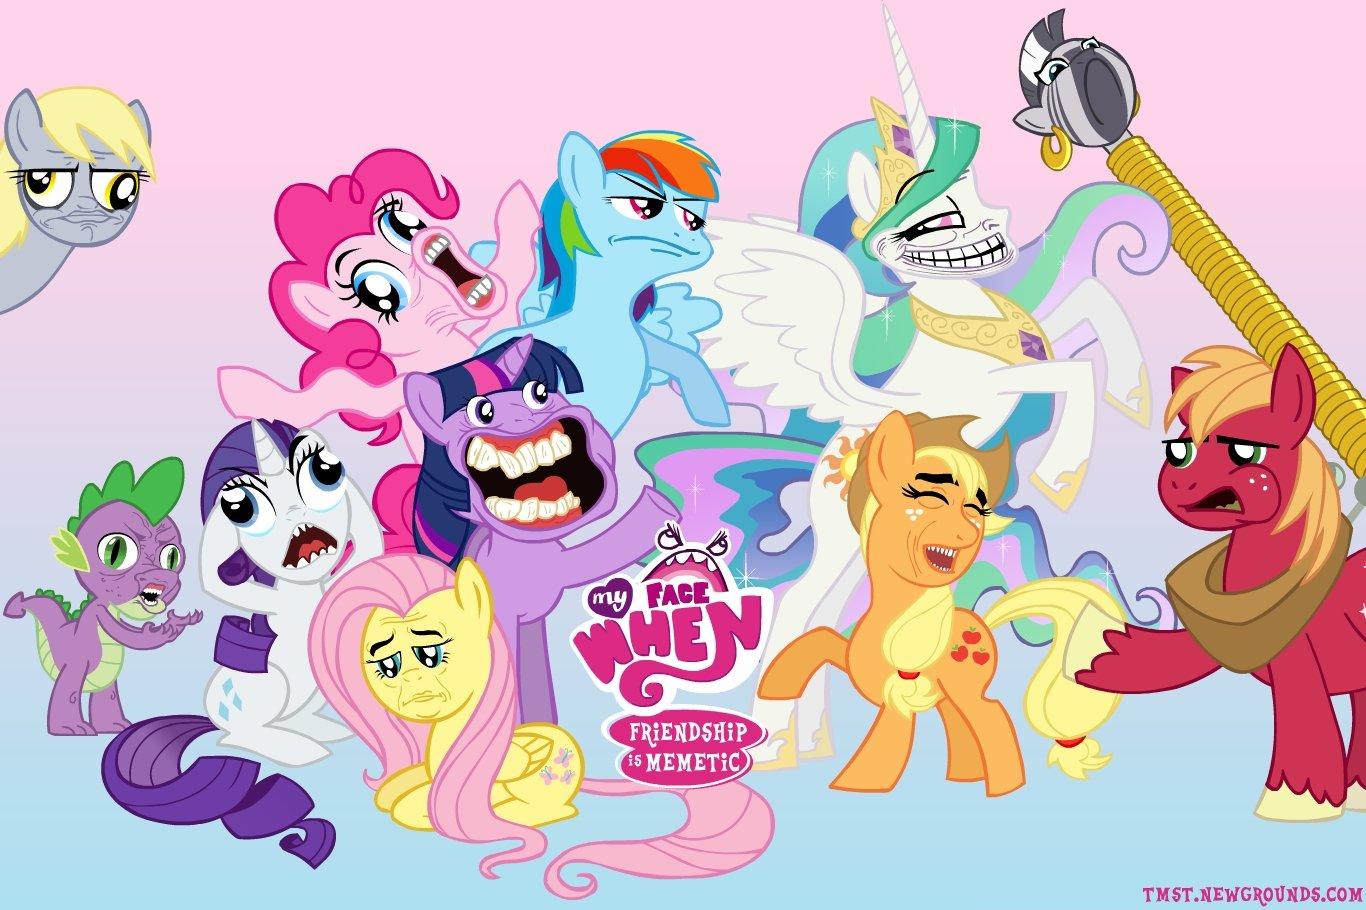 Weirdest Pony Picture Meme Youve Seen